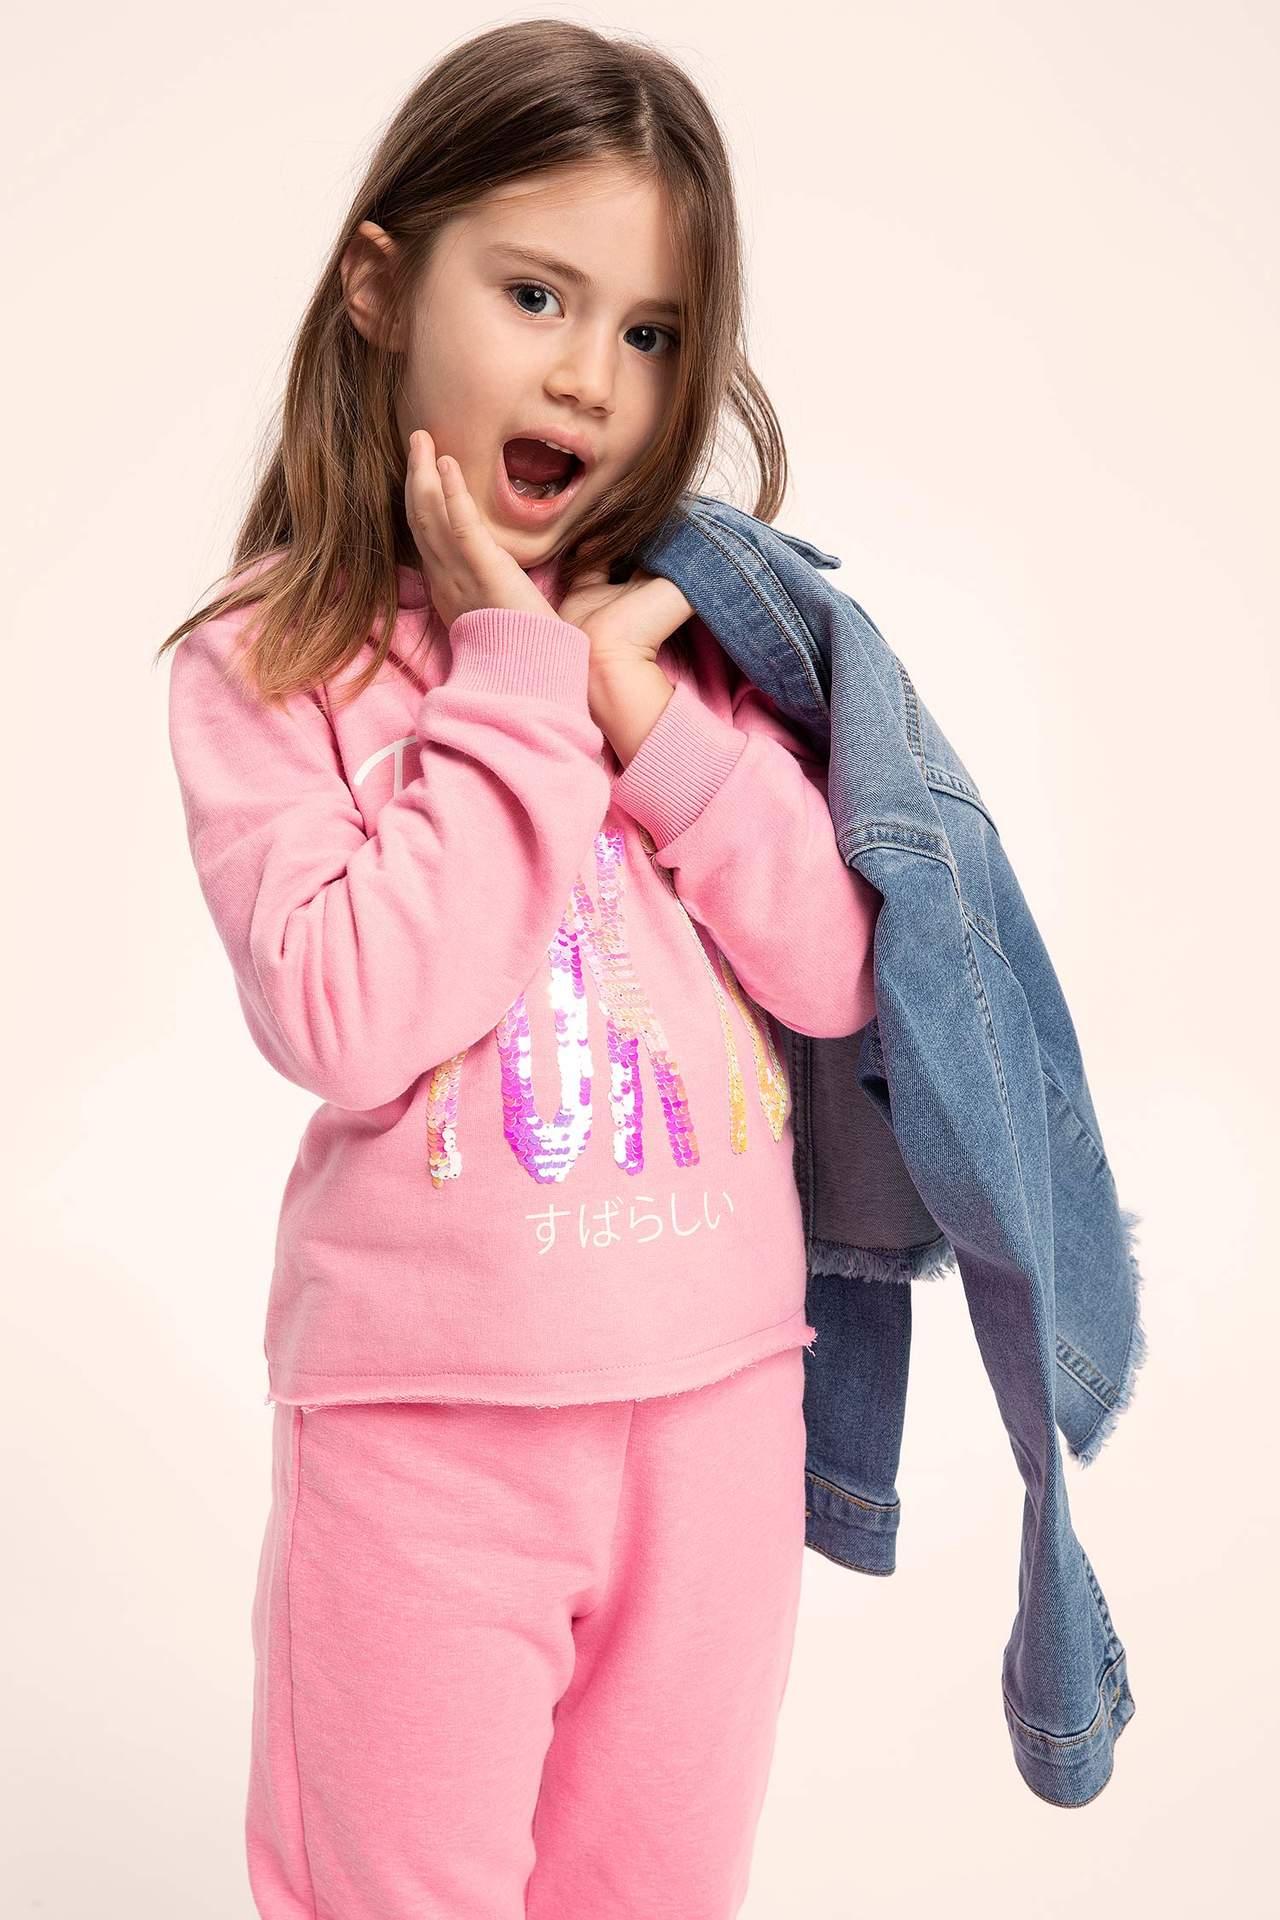 DeFacto Kız Çocuk Kapüşonlu Yazı Baskılı Sweatshirt Pembe female